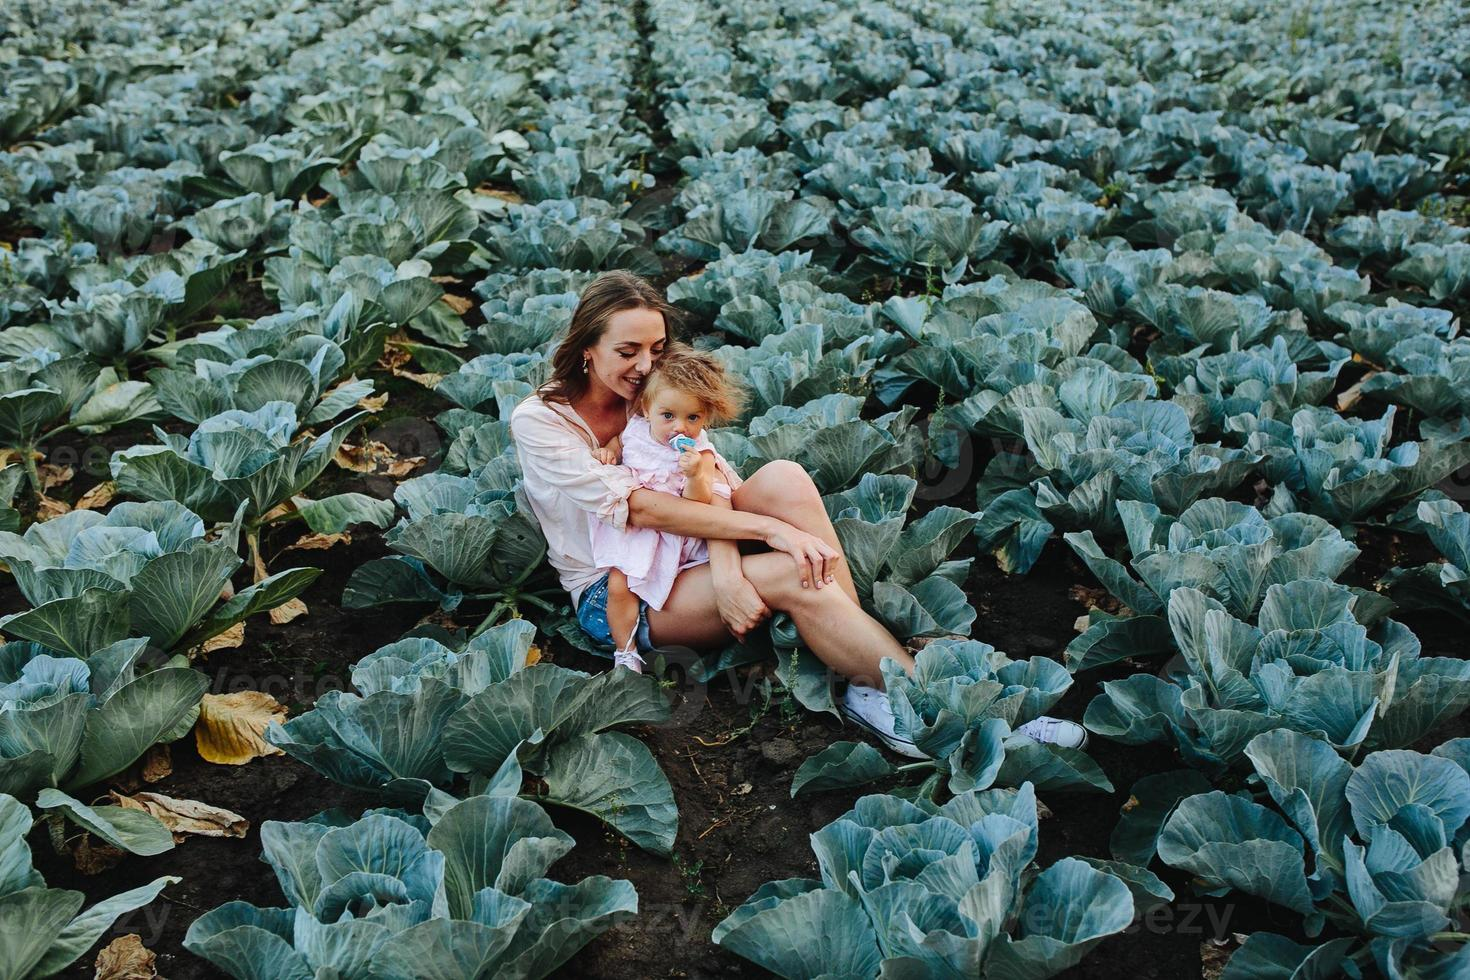 madre e hija en el campo con repollo foto